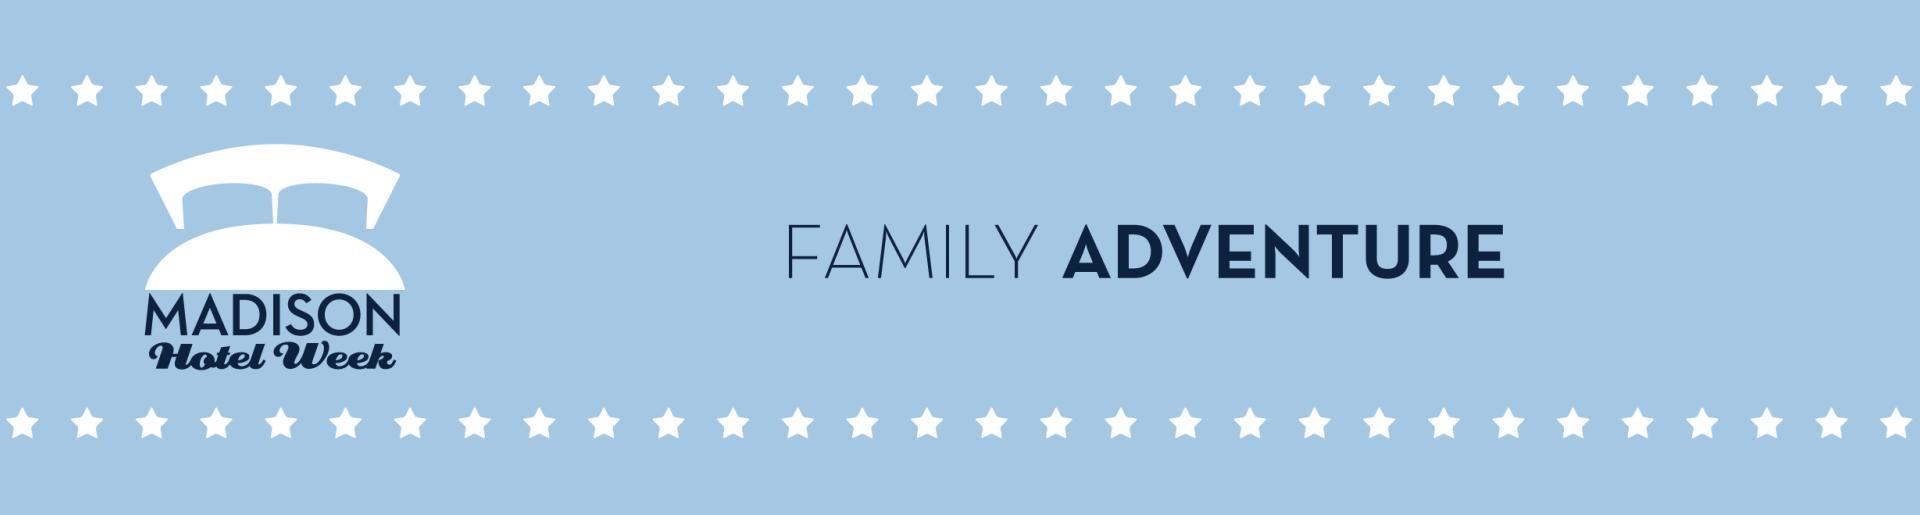 Madison Hotel Week 2017 Family